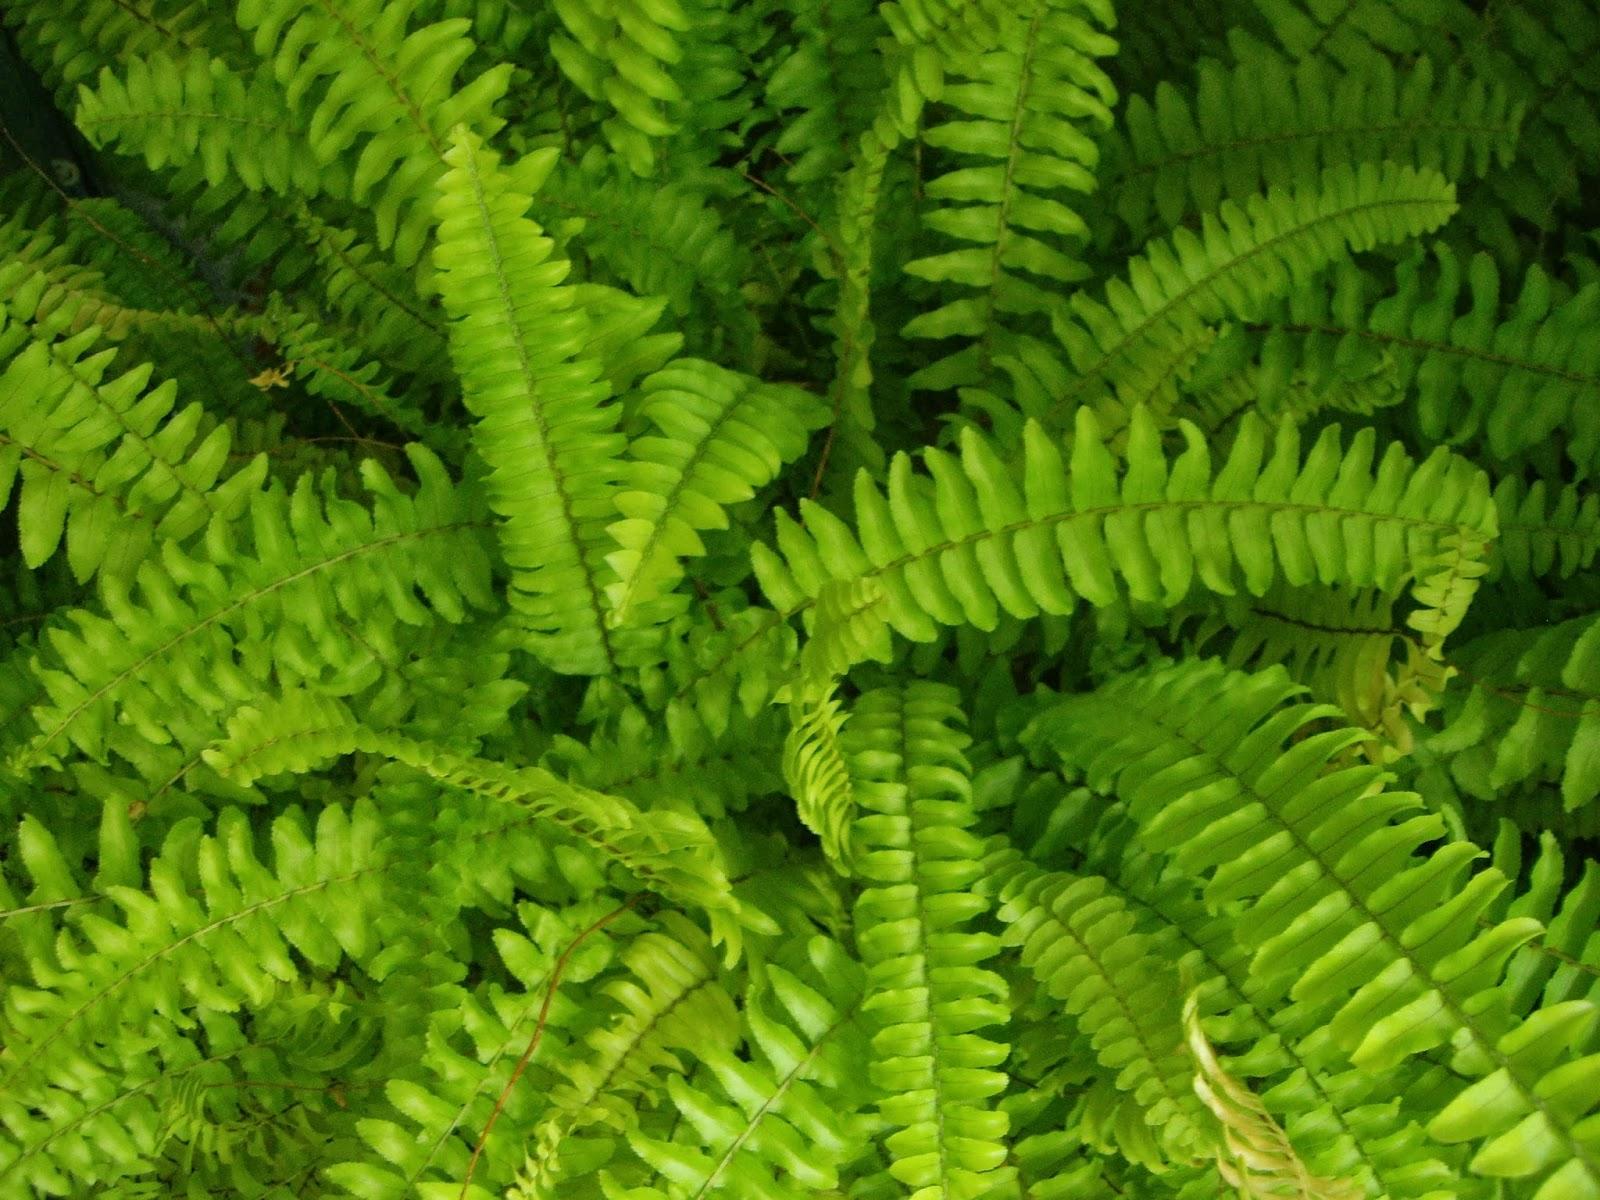 La mar de verde nephrolepis exaltata o helecho espada for Planta ornamental helecho nombre cientifico